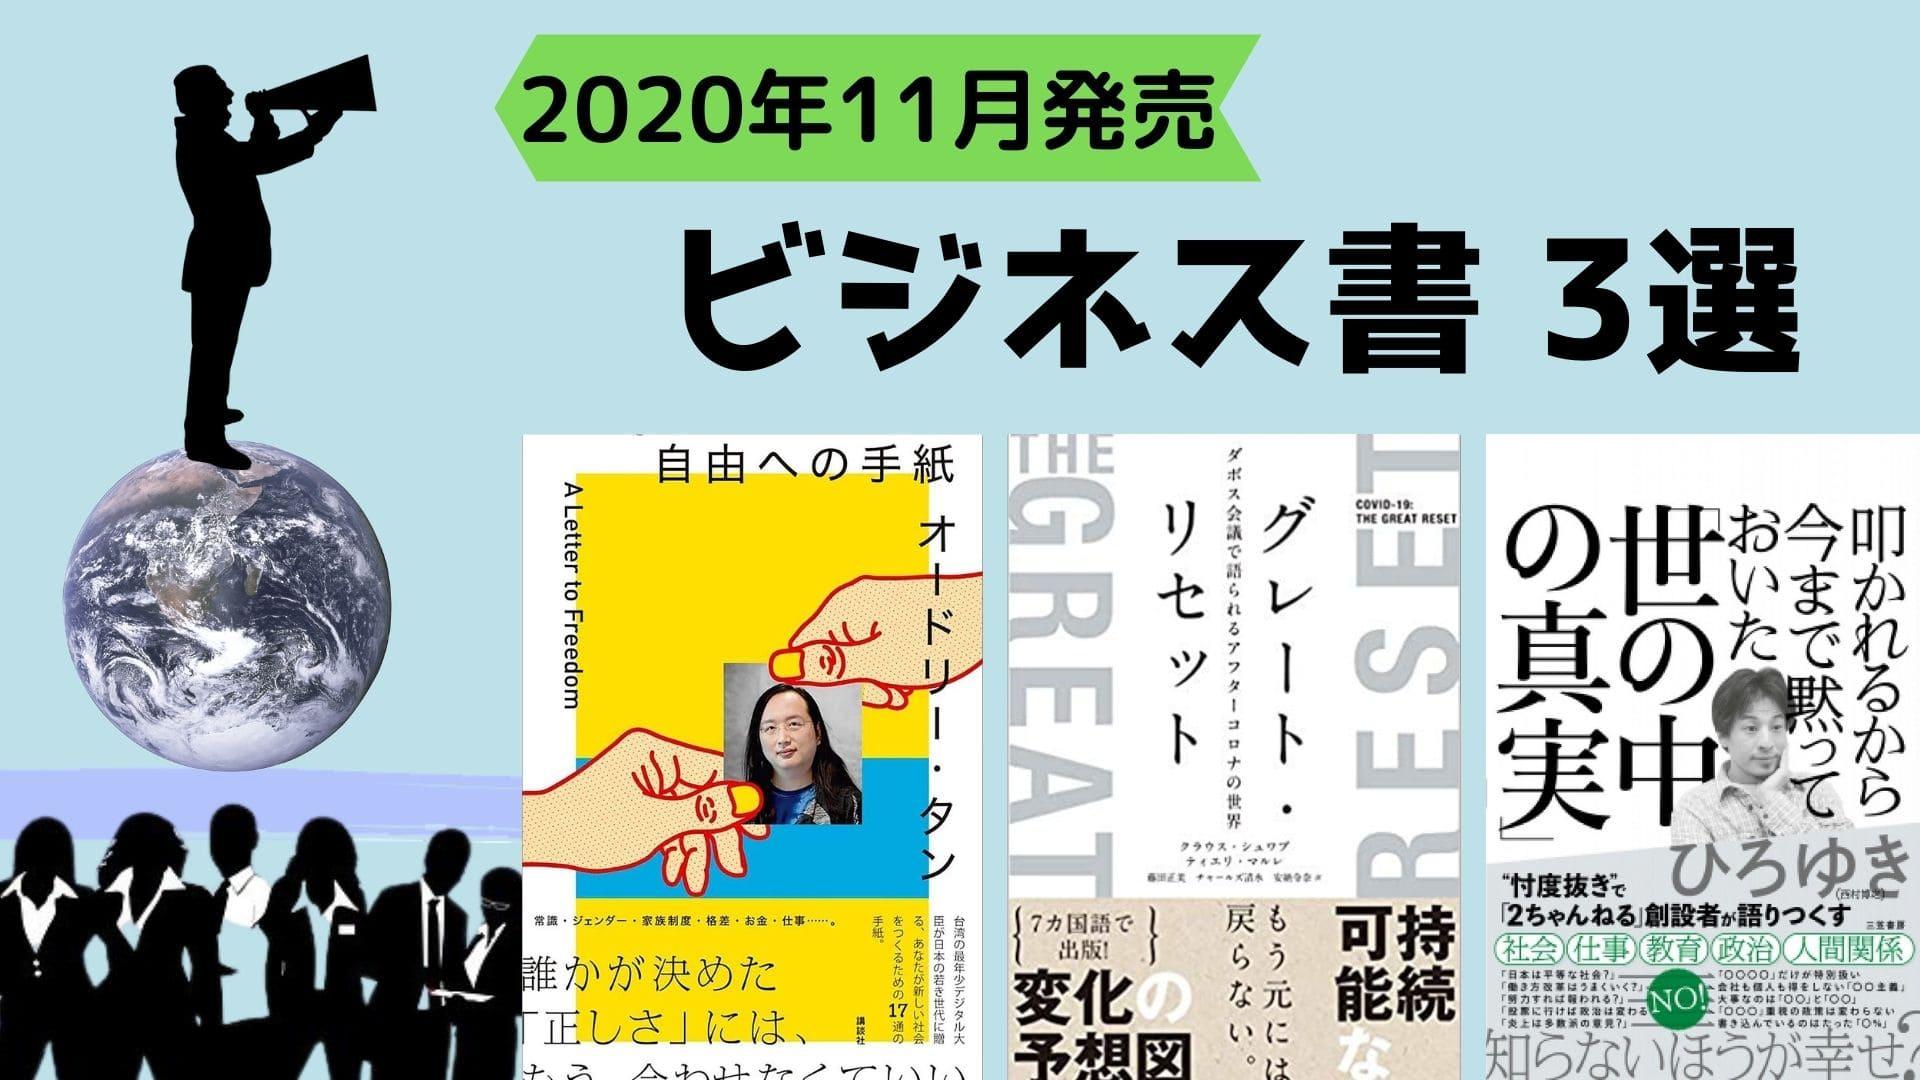 ビジネス書 2020年 5月